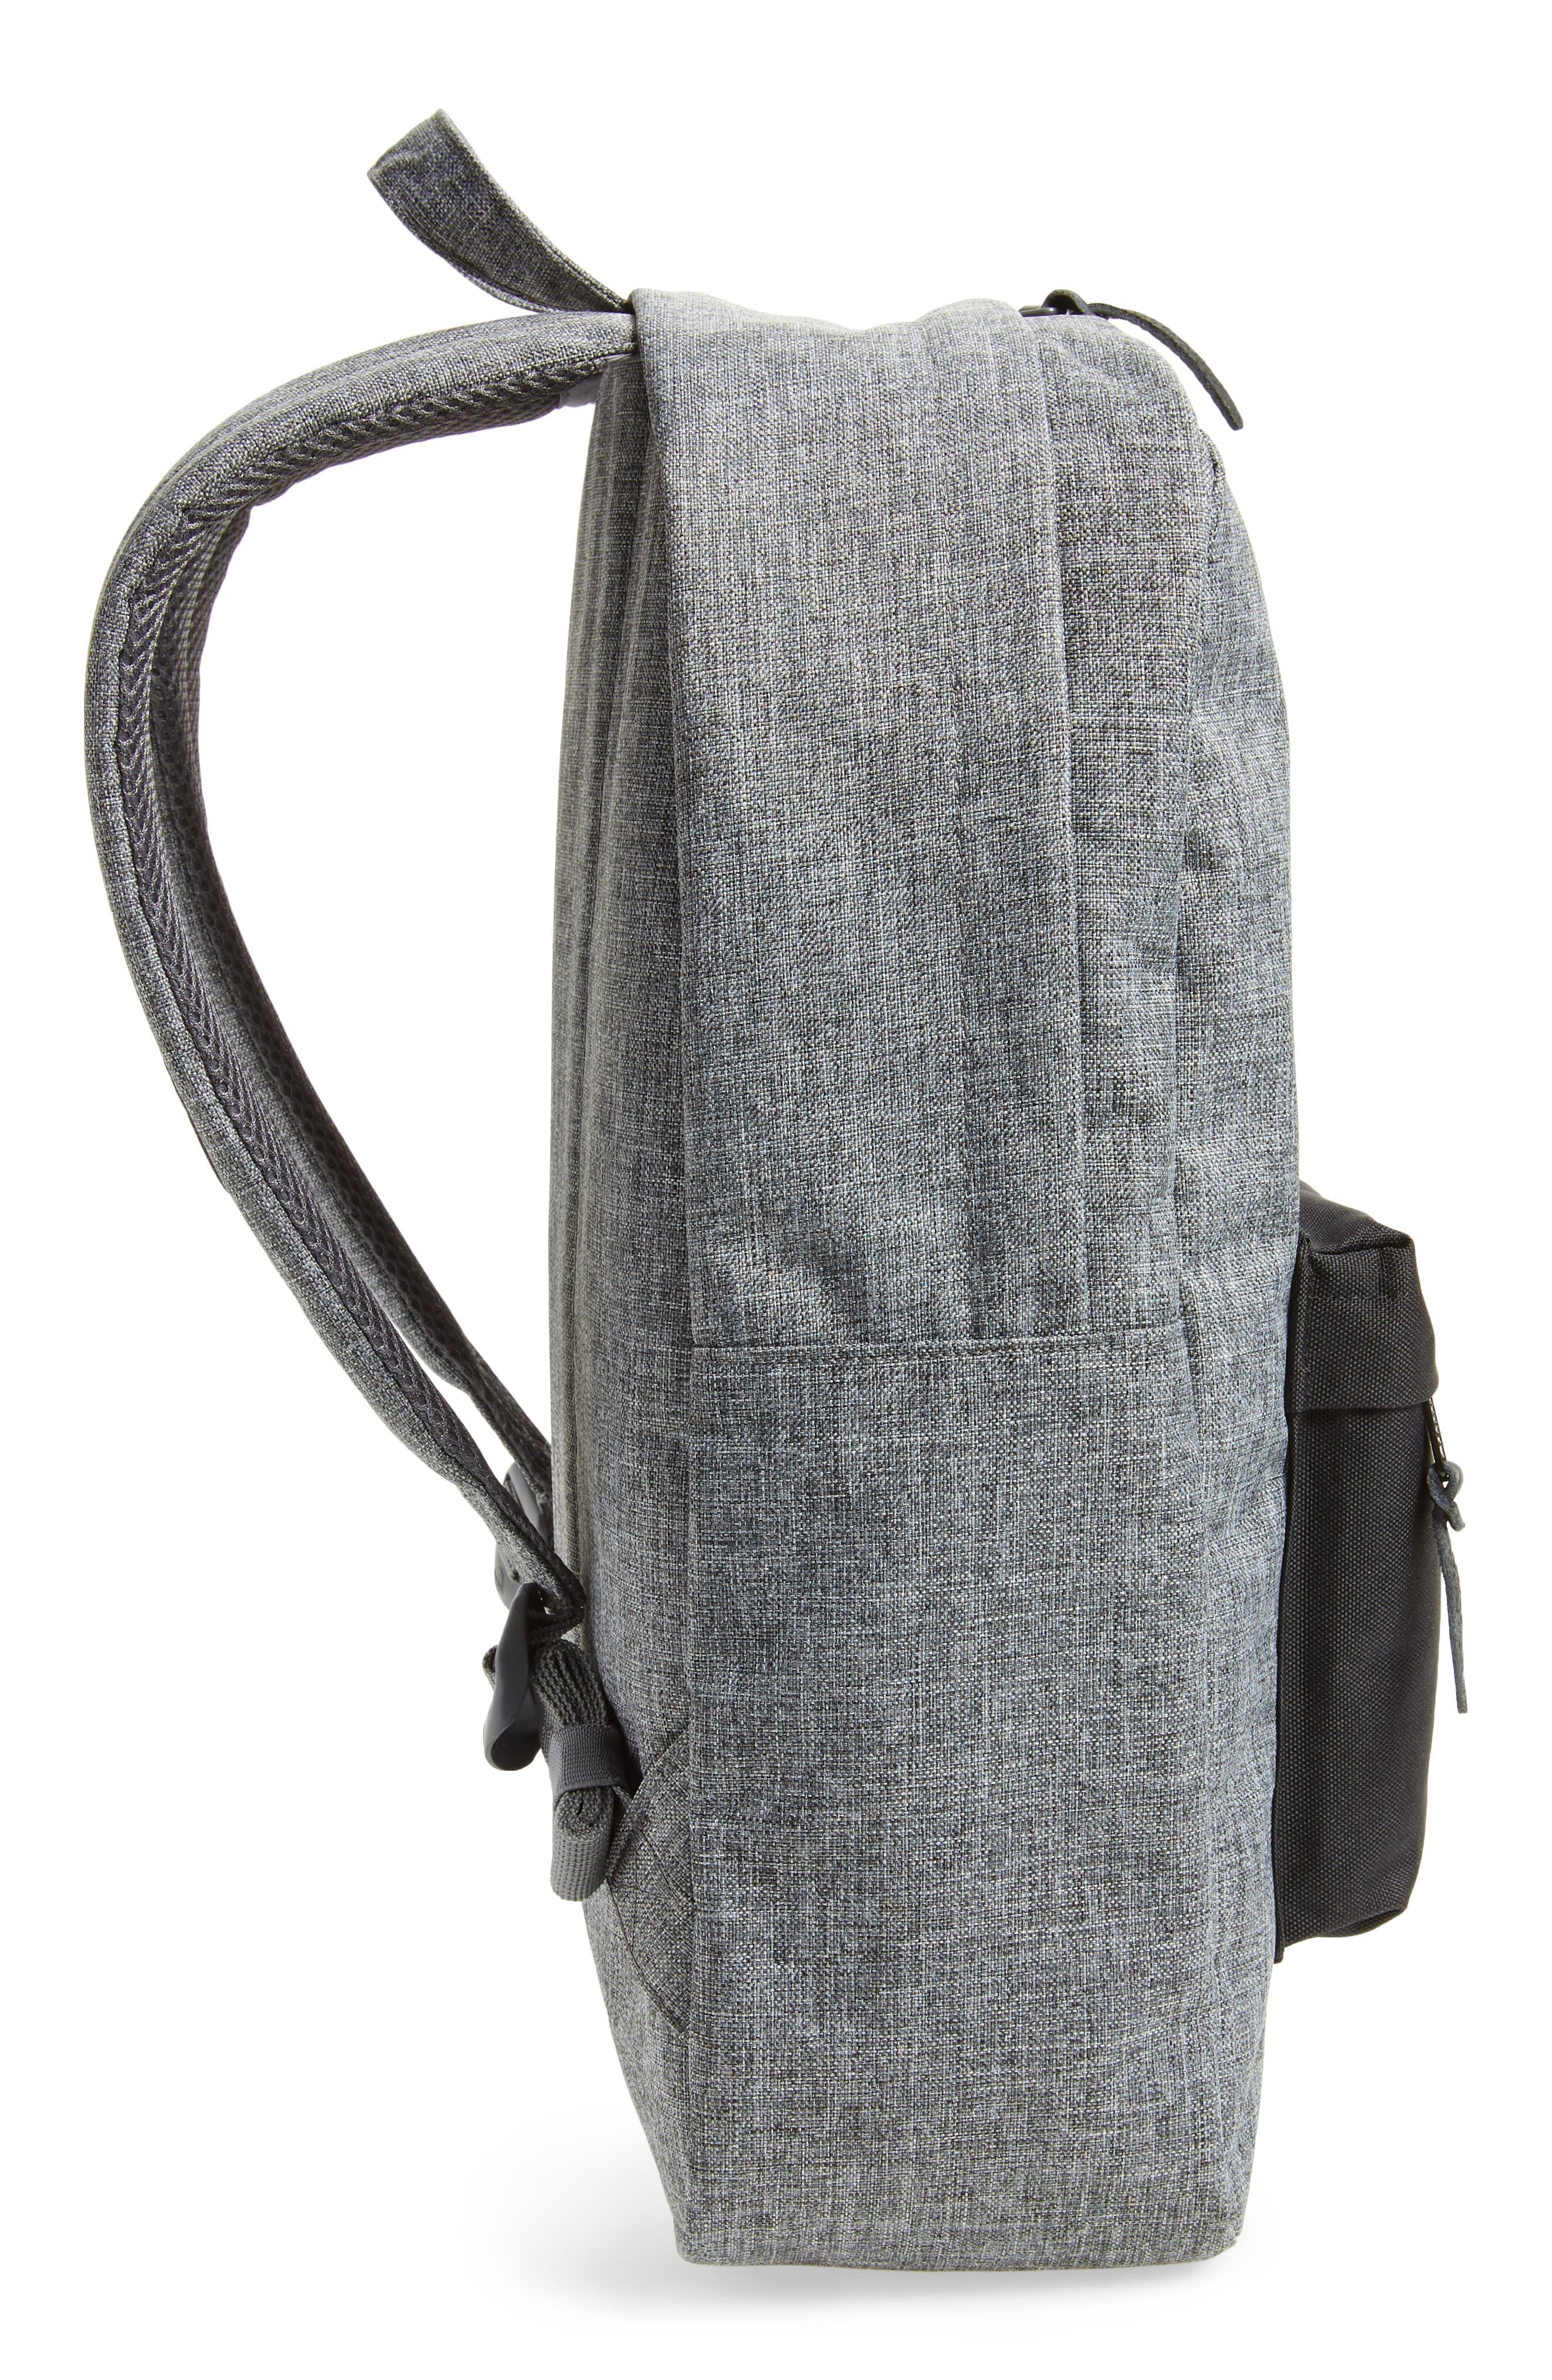 Heritage Backpack,                             Alternate thumbnail 6, color,                             RAVEN CROSSHATCH/ BLACK